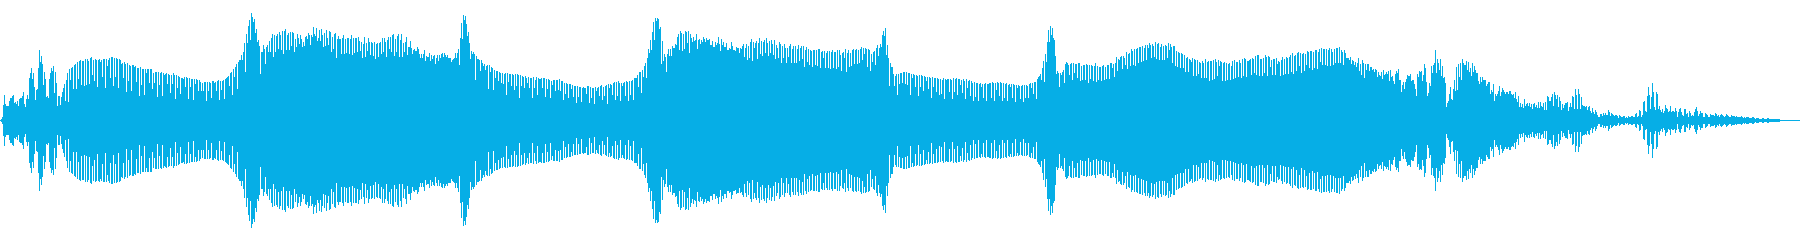 ワウワウ フレーズ トランペットの再生済みの波形